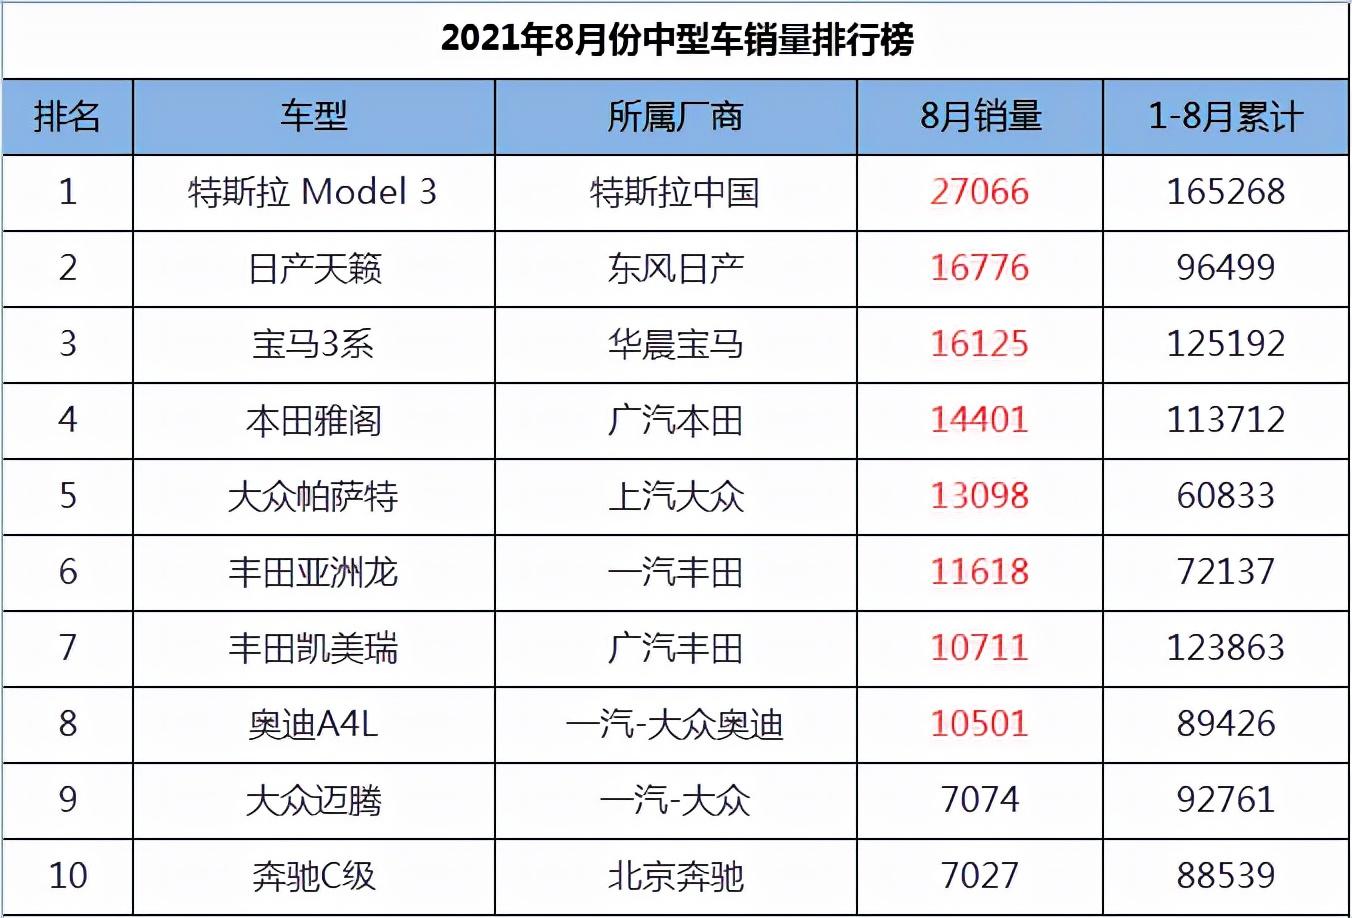 2021年8月份中型车销量1-45名,天籁跃居第二,帕萨特王者归来